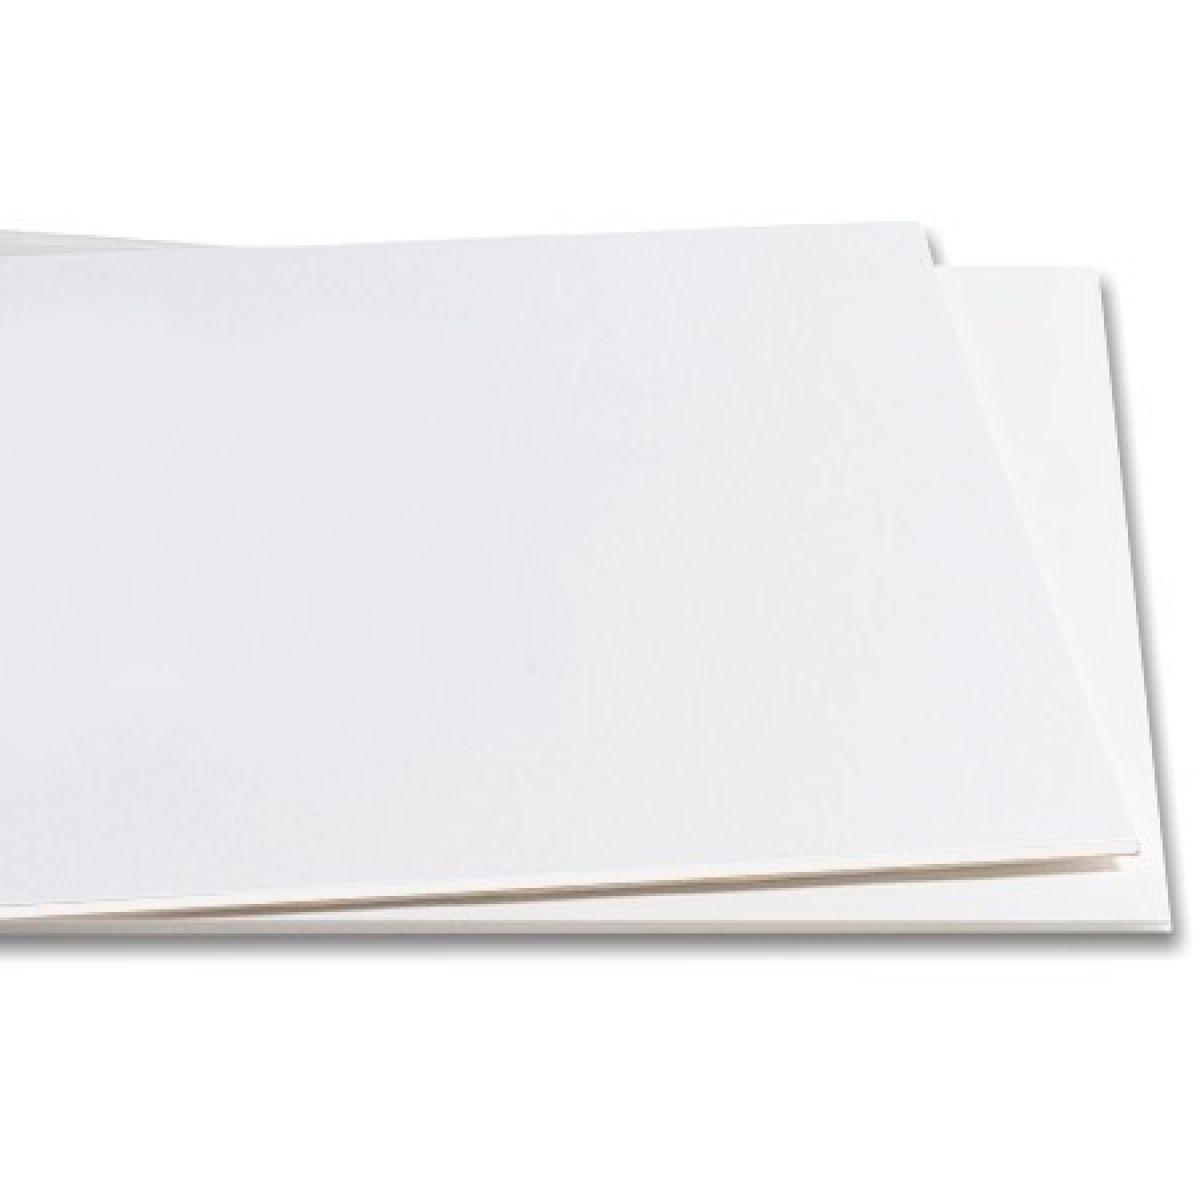 Papel Couche Brilho 90g A4 Embalagem Com 1200 Folhas